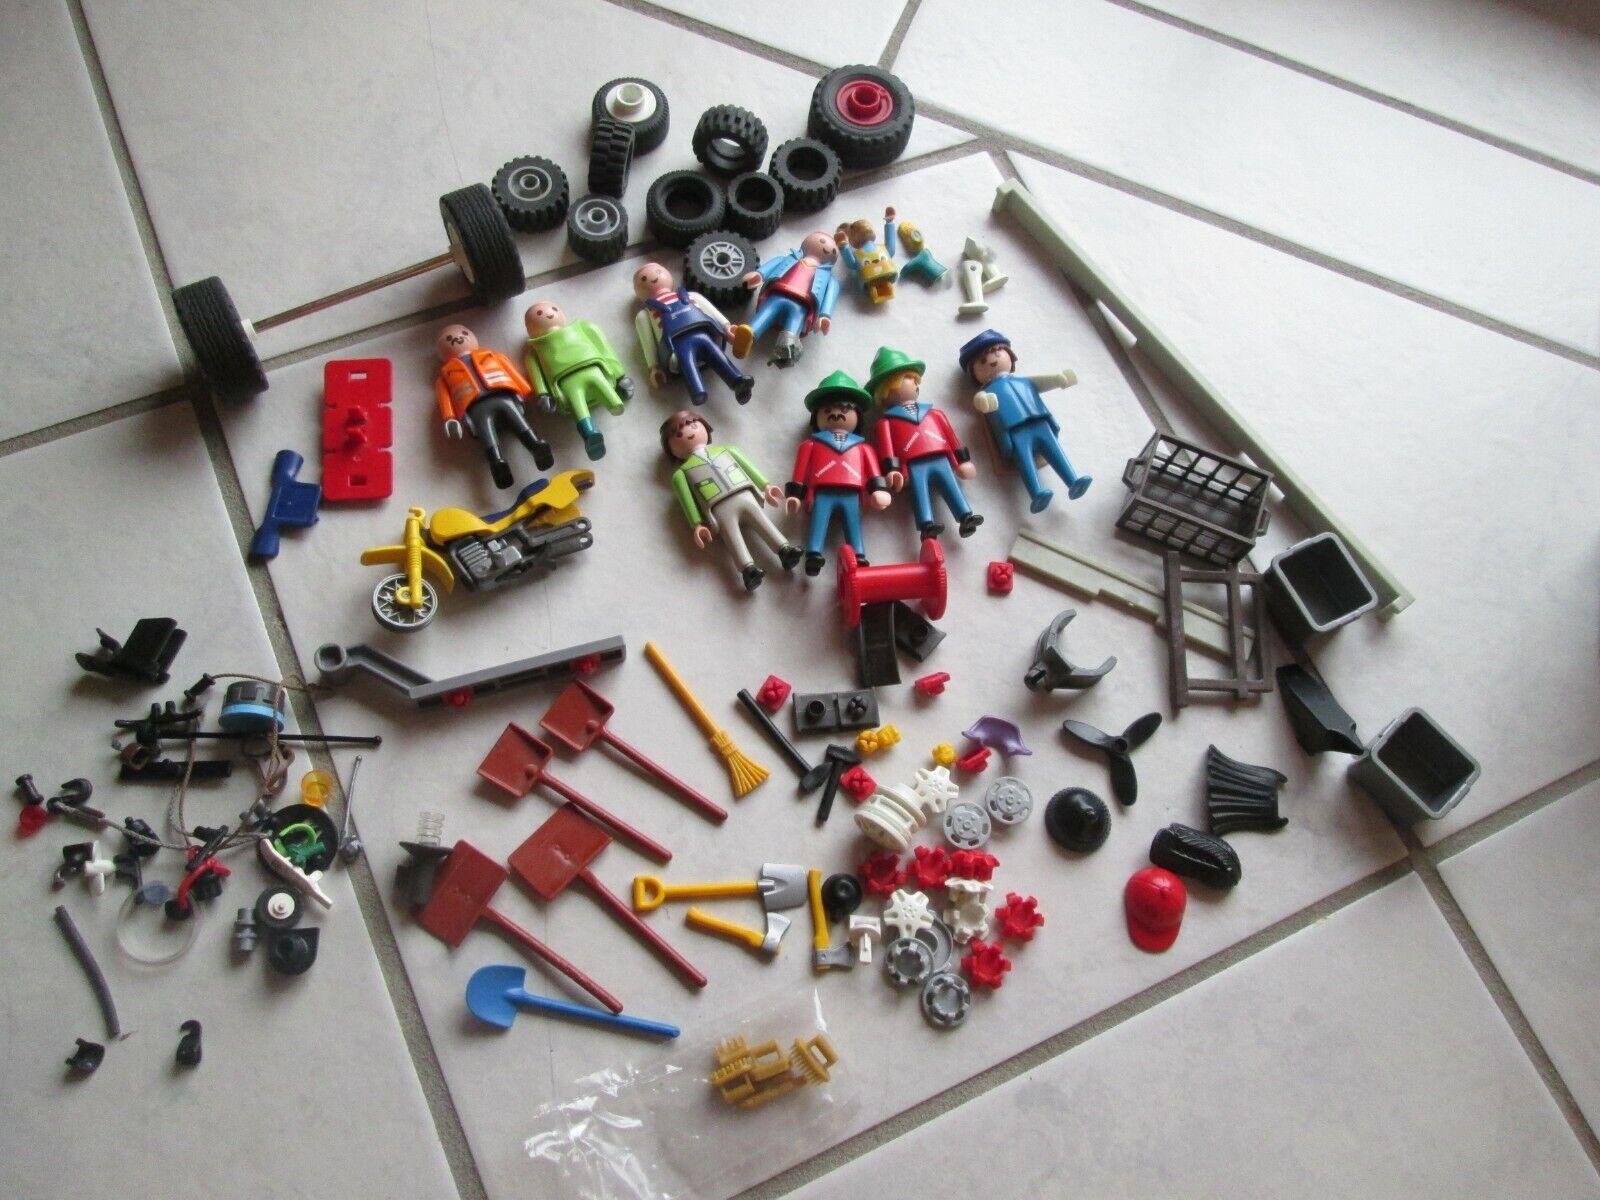 Posten Playmobil Reifen Werkzeug Figuren Ersatzteile Räder Zubehör  | Jeder beschriebene Artikel ist verfügbar